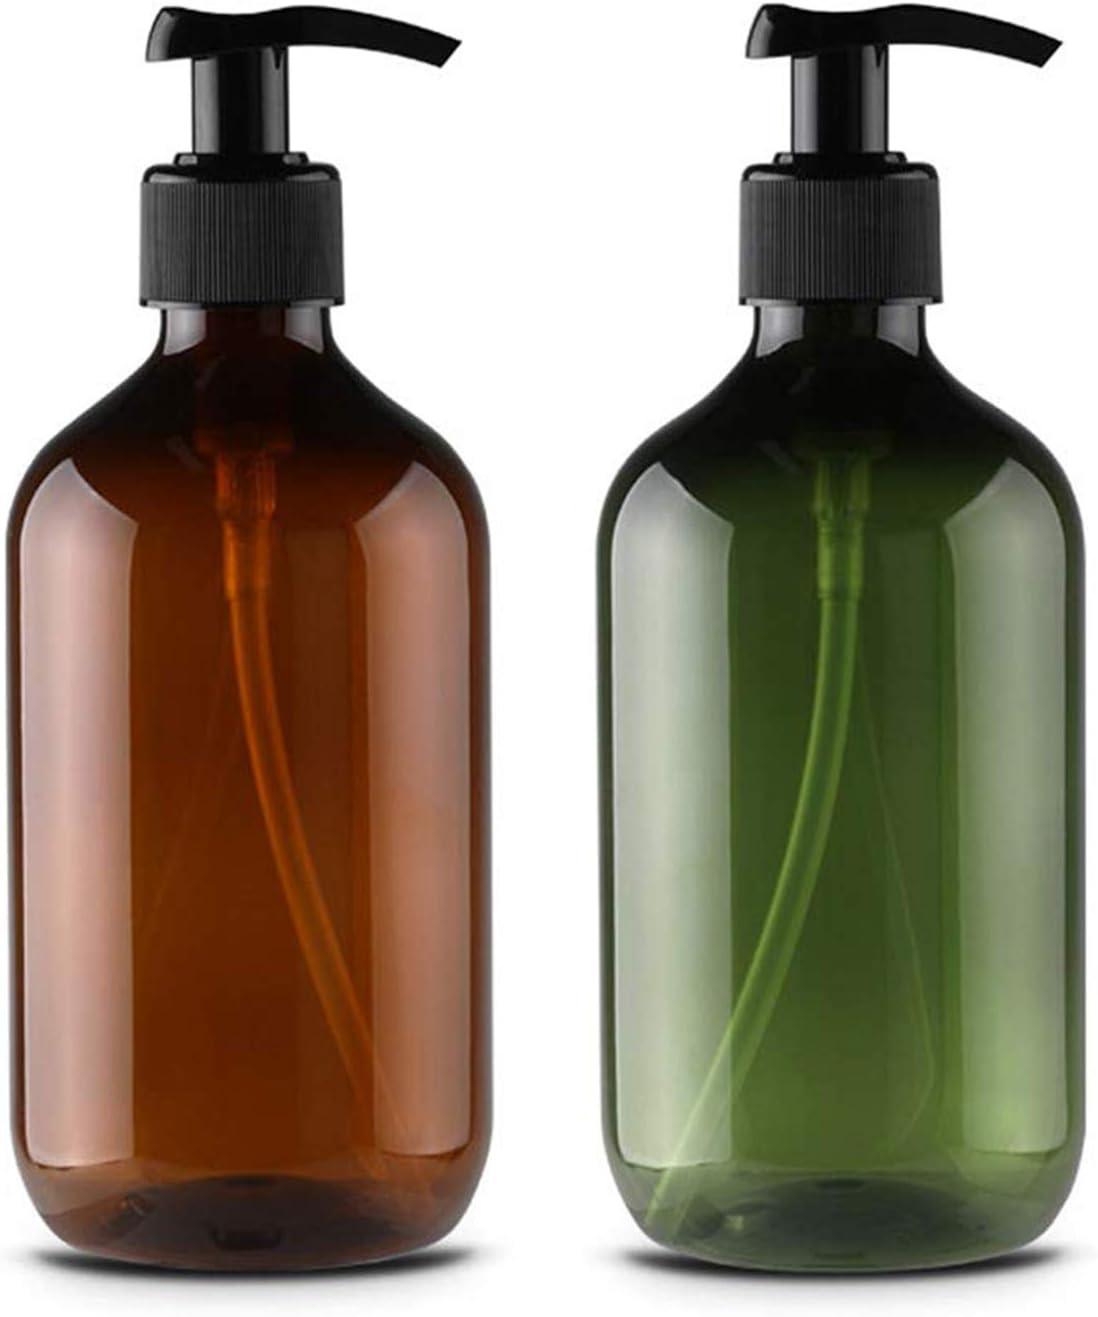 Alledominio, 2 botellas de loción de plástico vacías rellenables de 300 ml, dispensador de jabón líquido para el cuerpo de la ducha (marrón y verde)